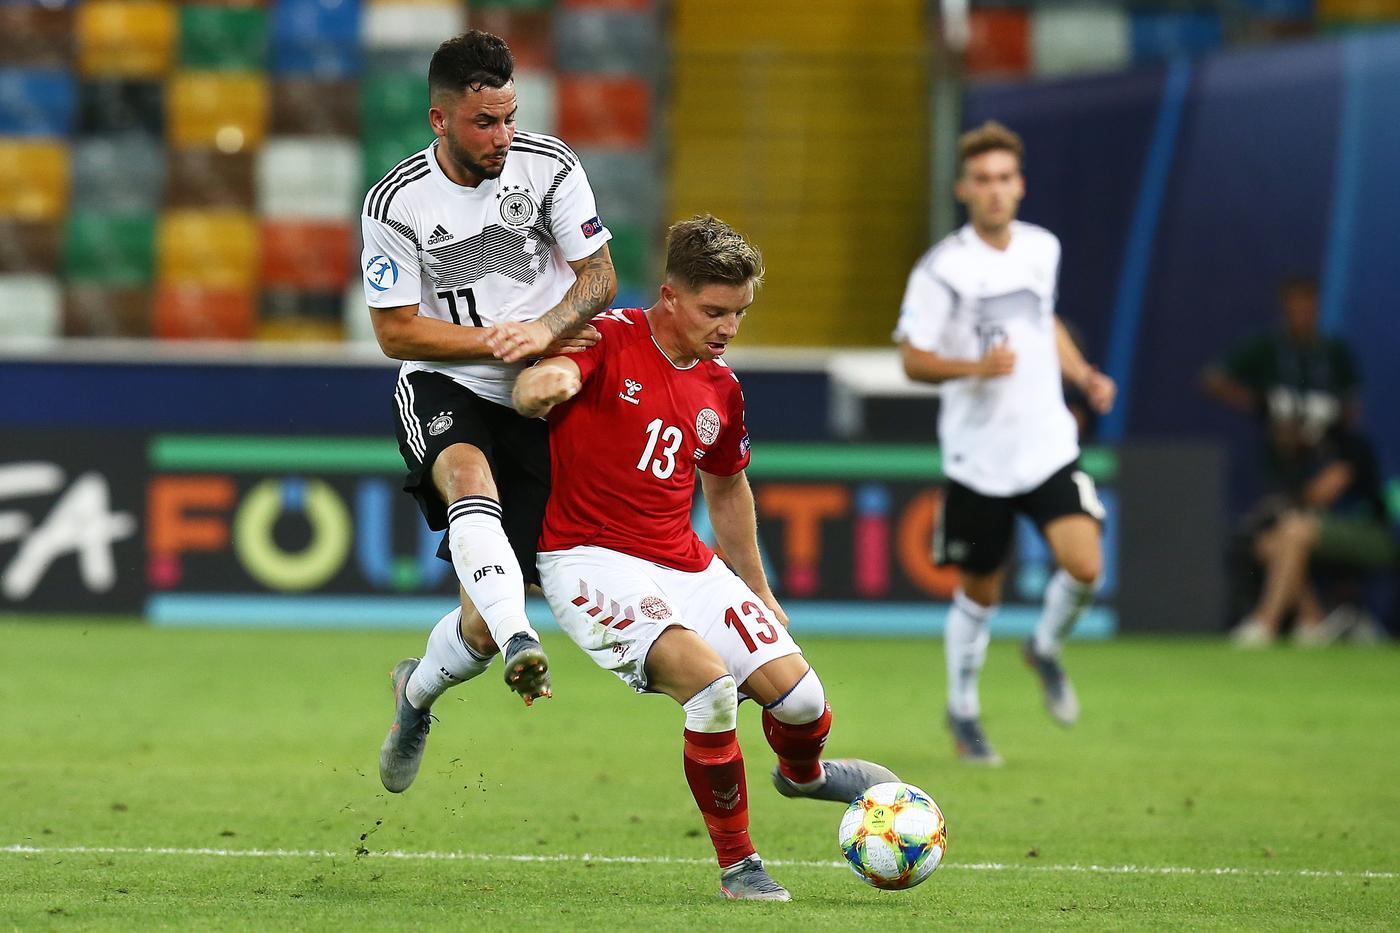 Danimarca-Austria 20 giugno: si gioca per la seconda giornata del gruppo B degli Europei Under 21. Danesi costretti a vincere.